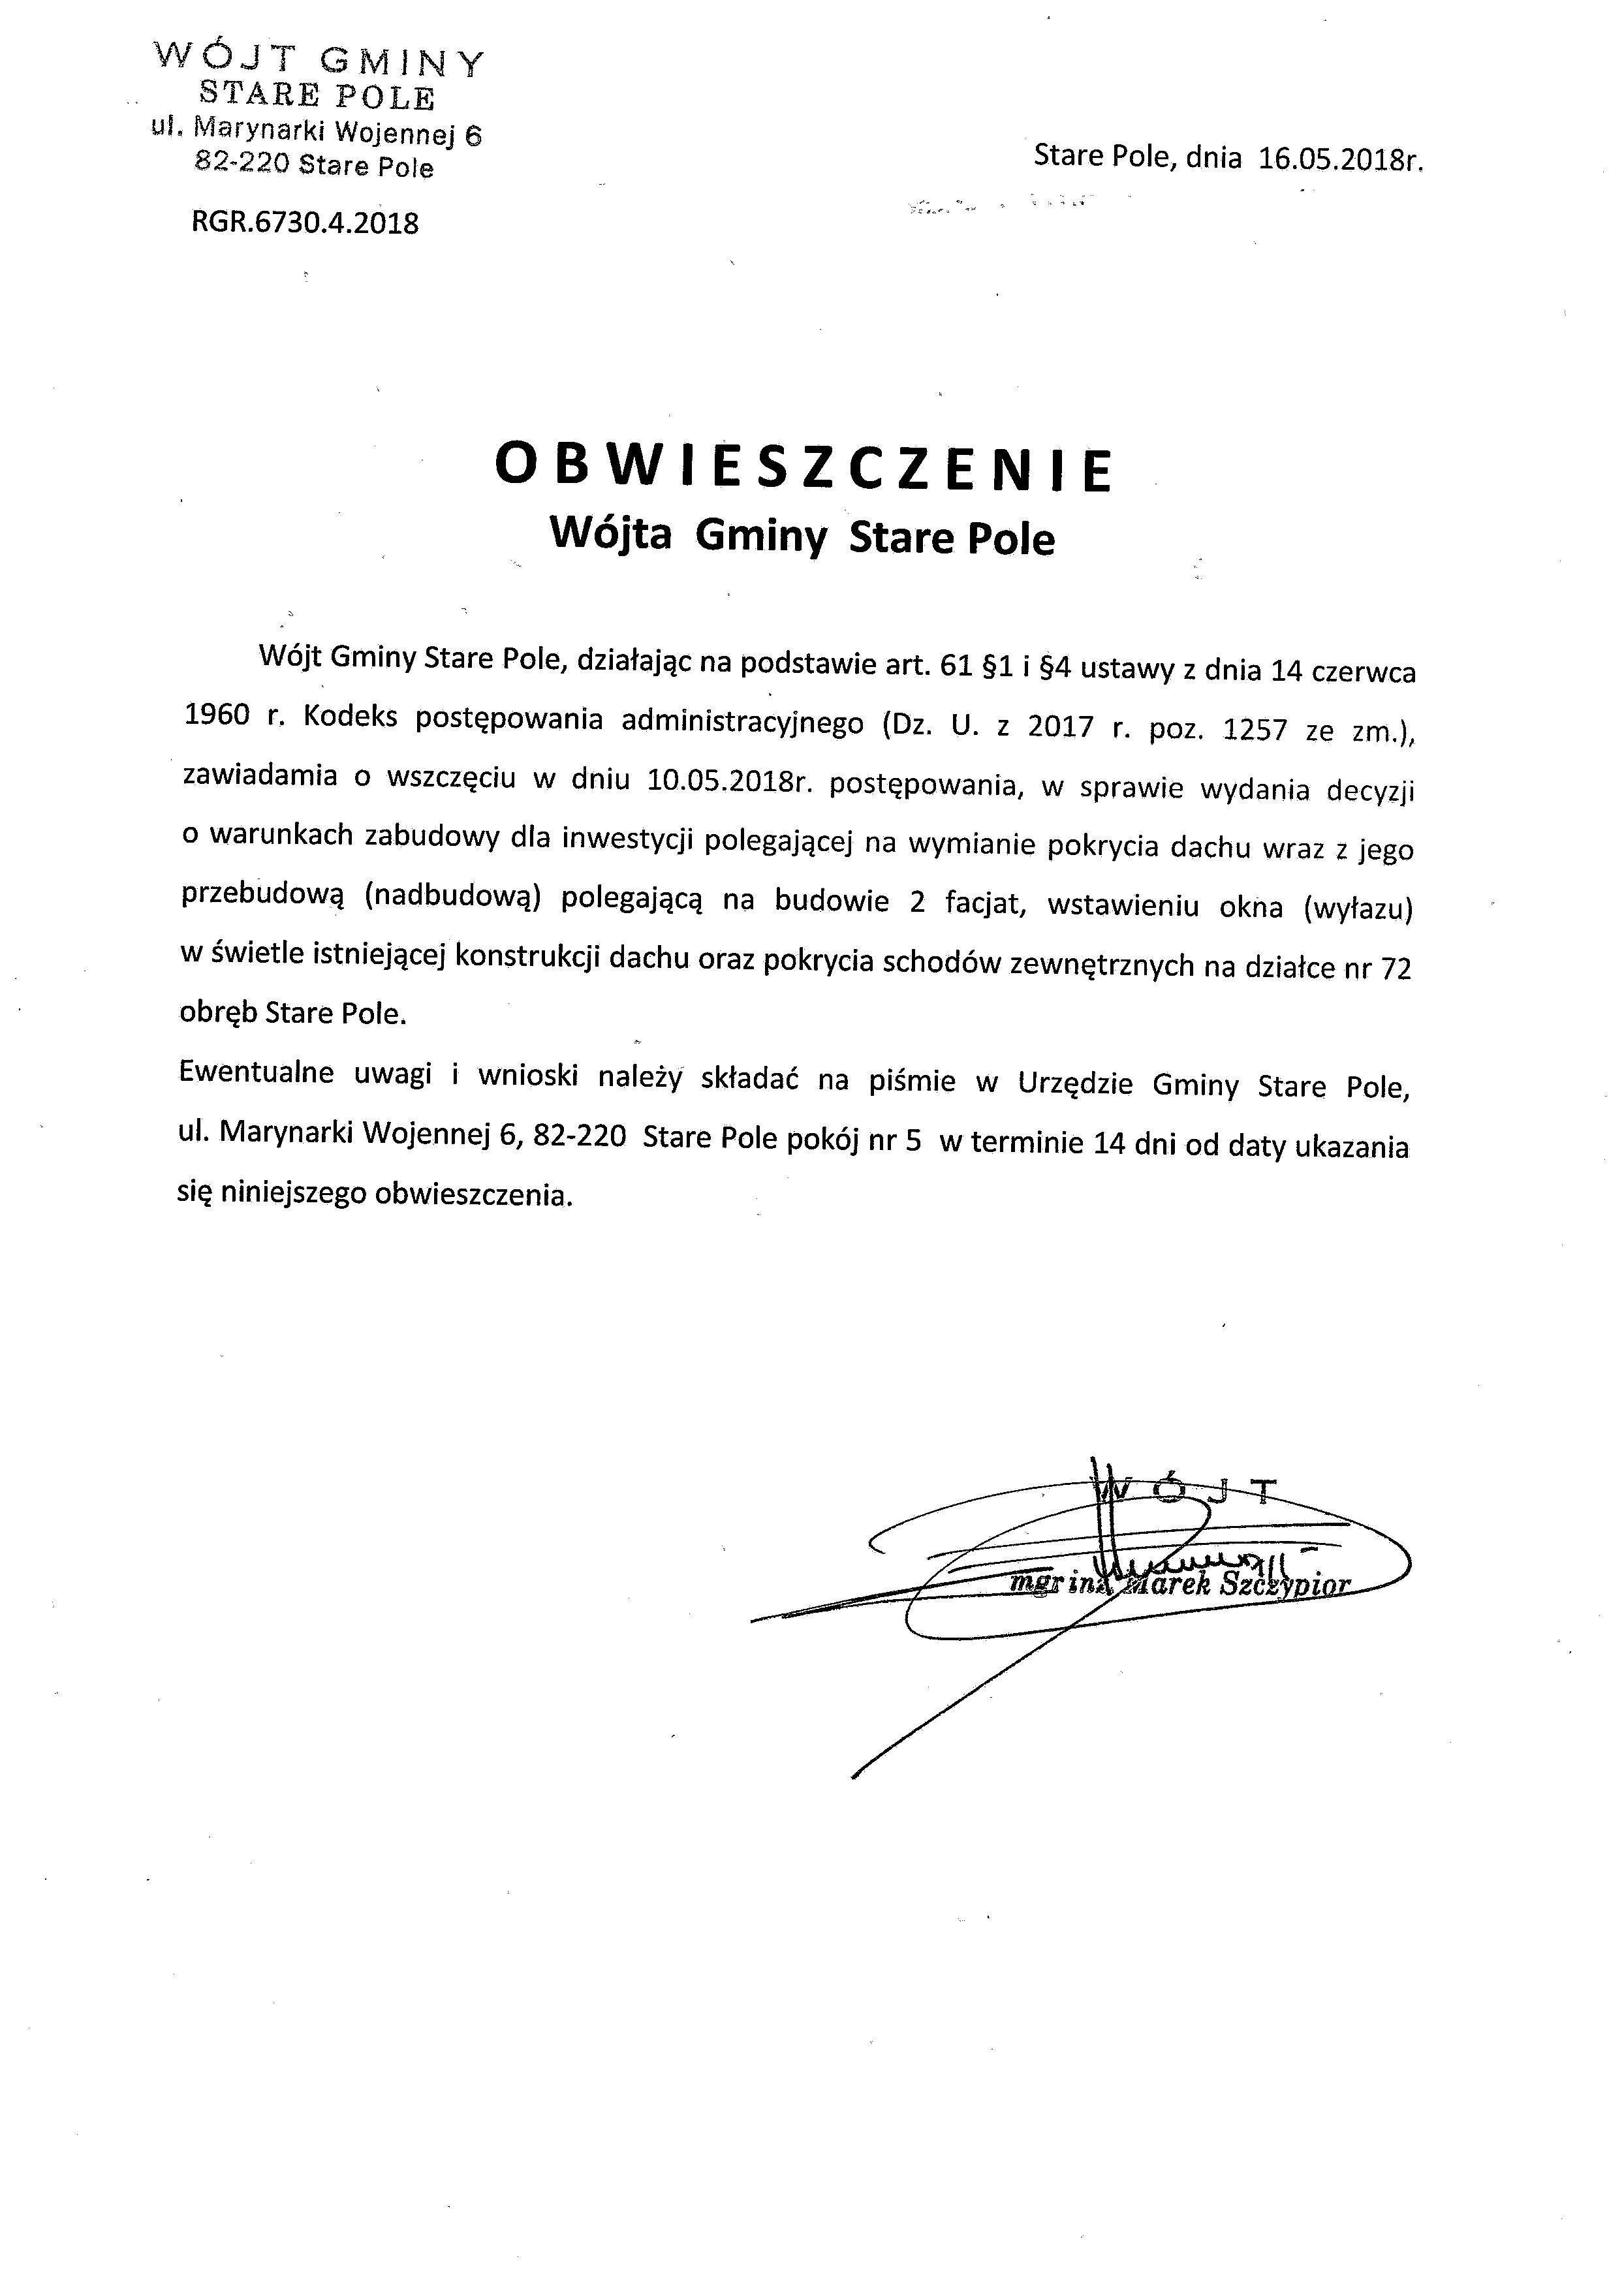 Obwieszczenie Wójta Gminy Stare Pole z dnia 16 maja 2018 r. o wszczęciu postępowania